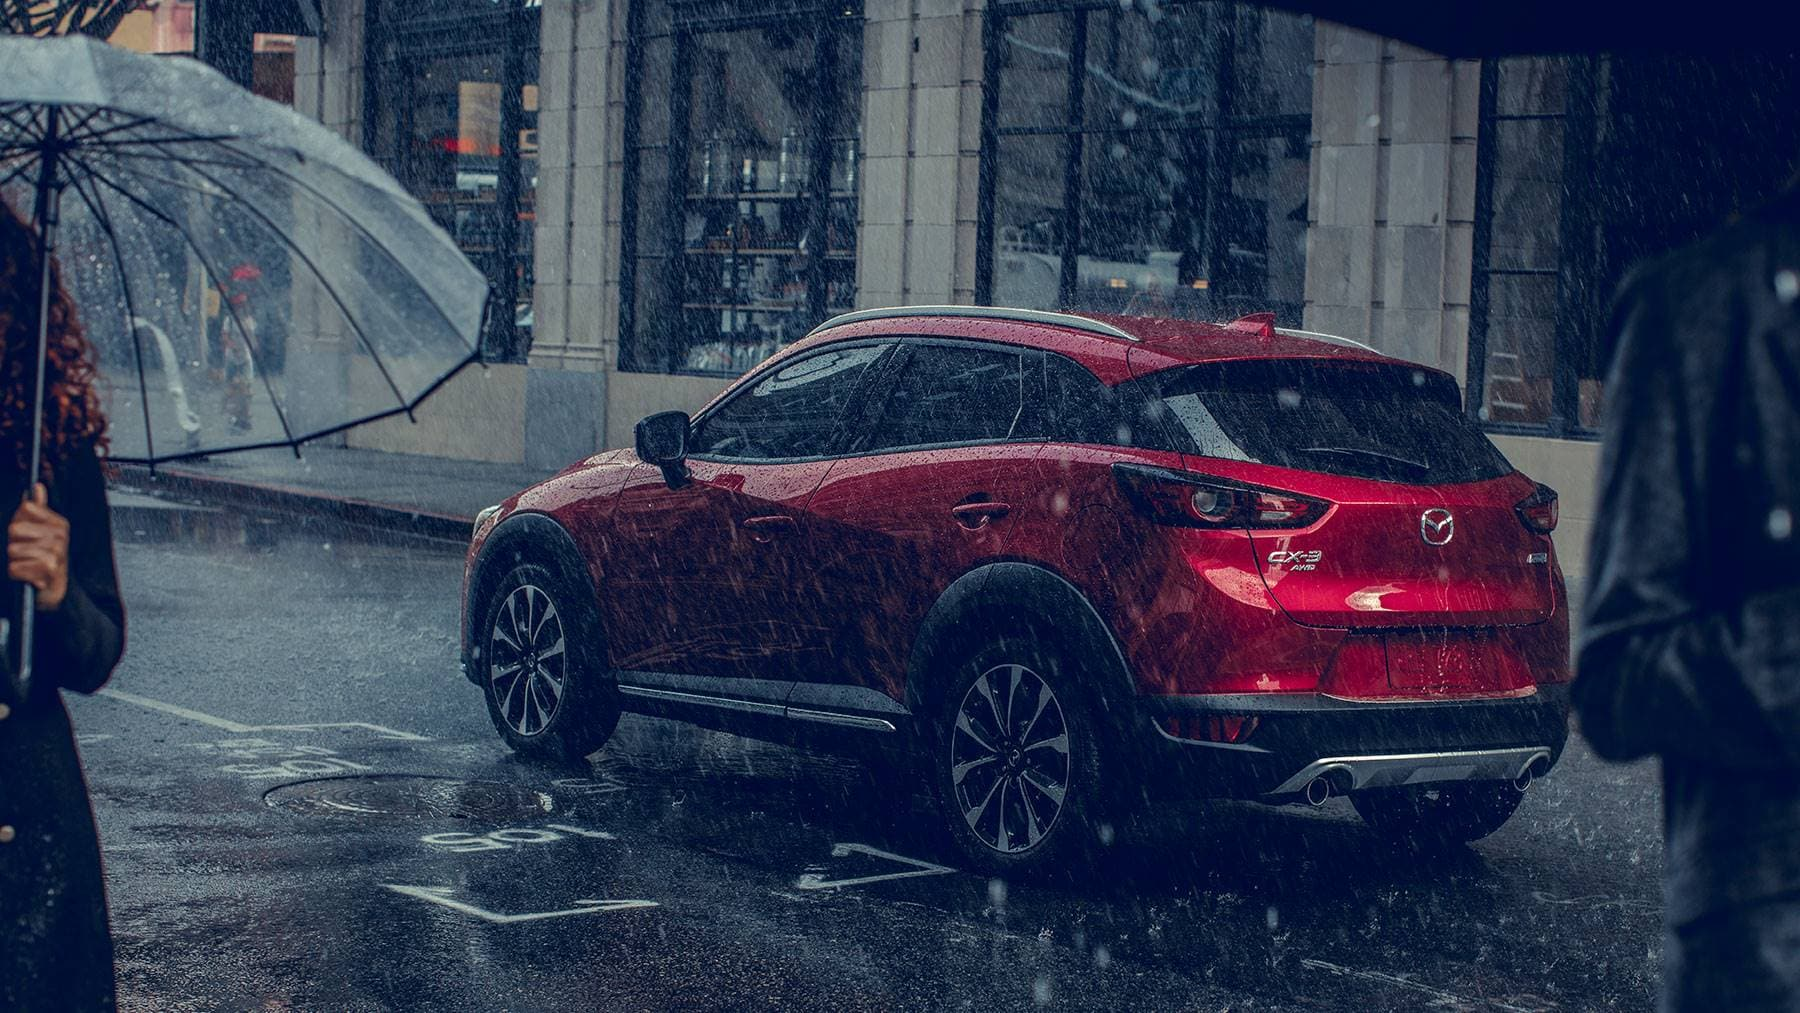 Explore The Refined 2019 Mazda CX-3 Lineup in Columbia, Missouri